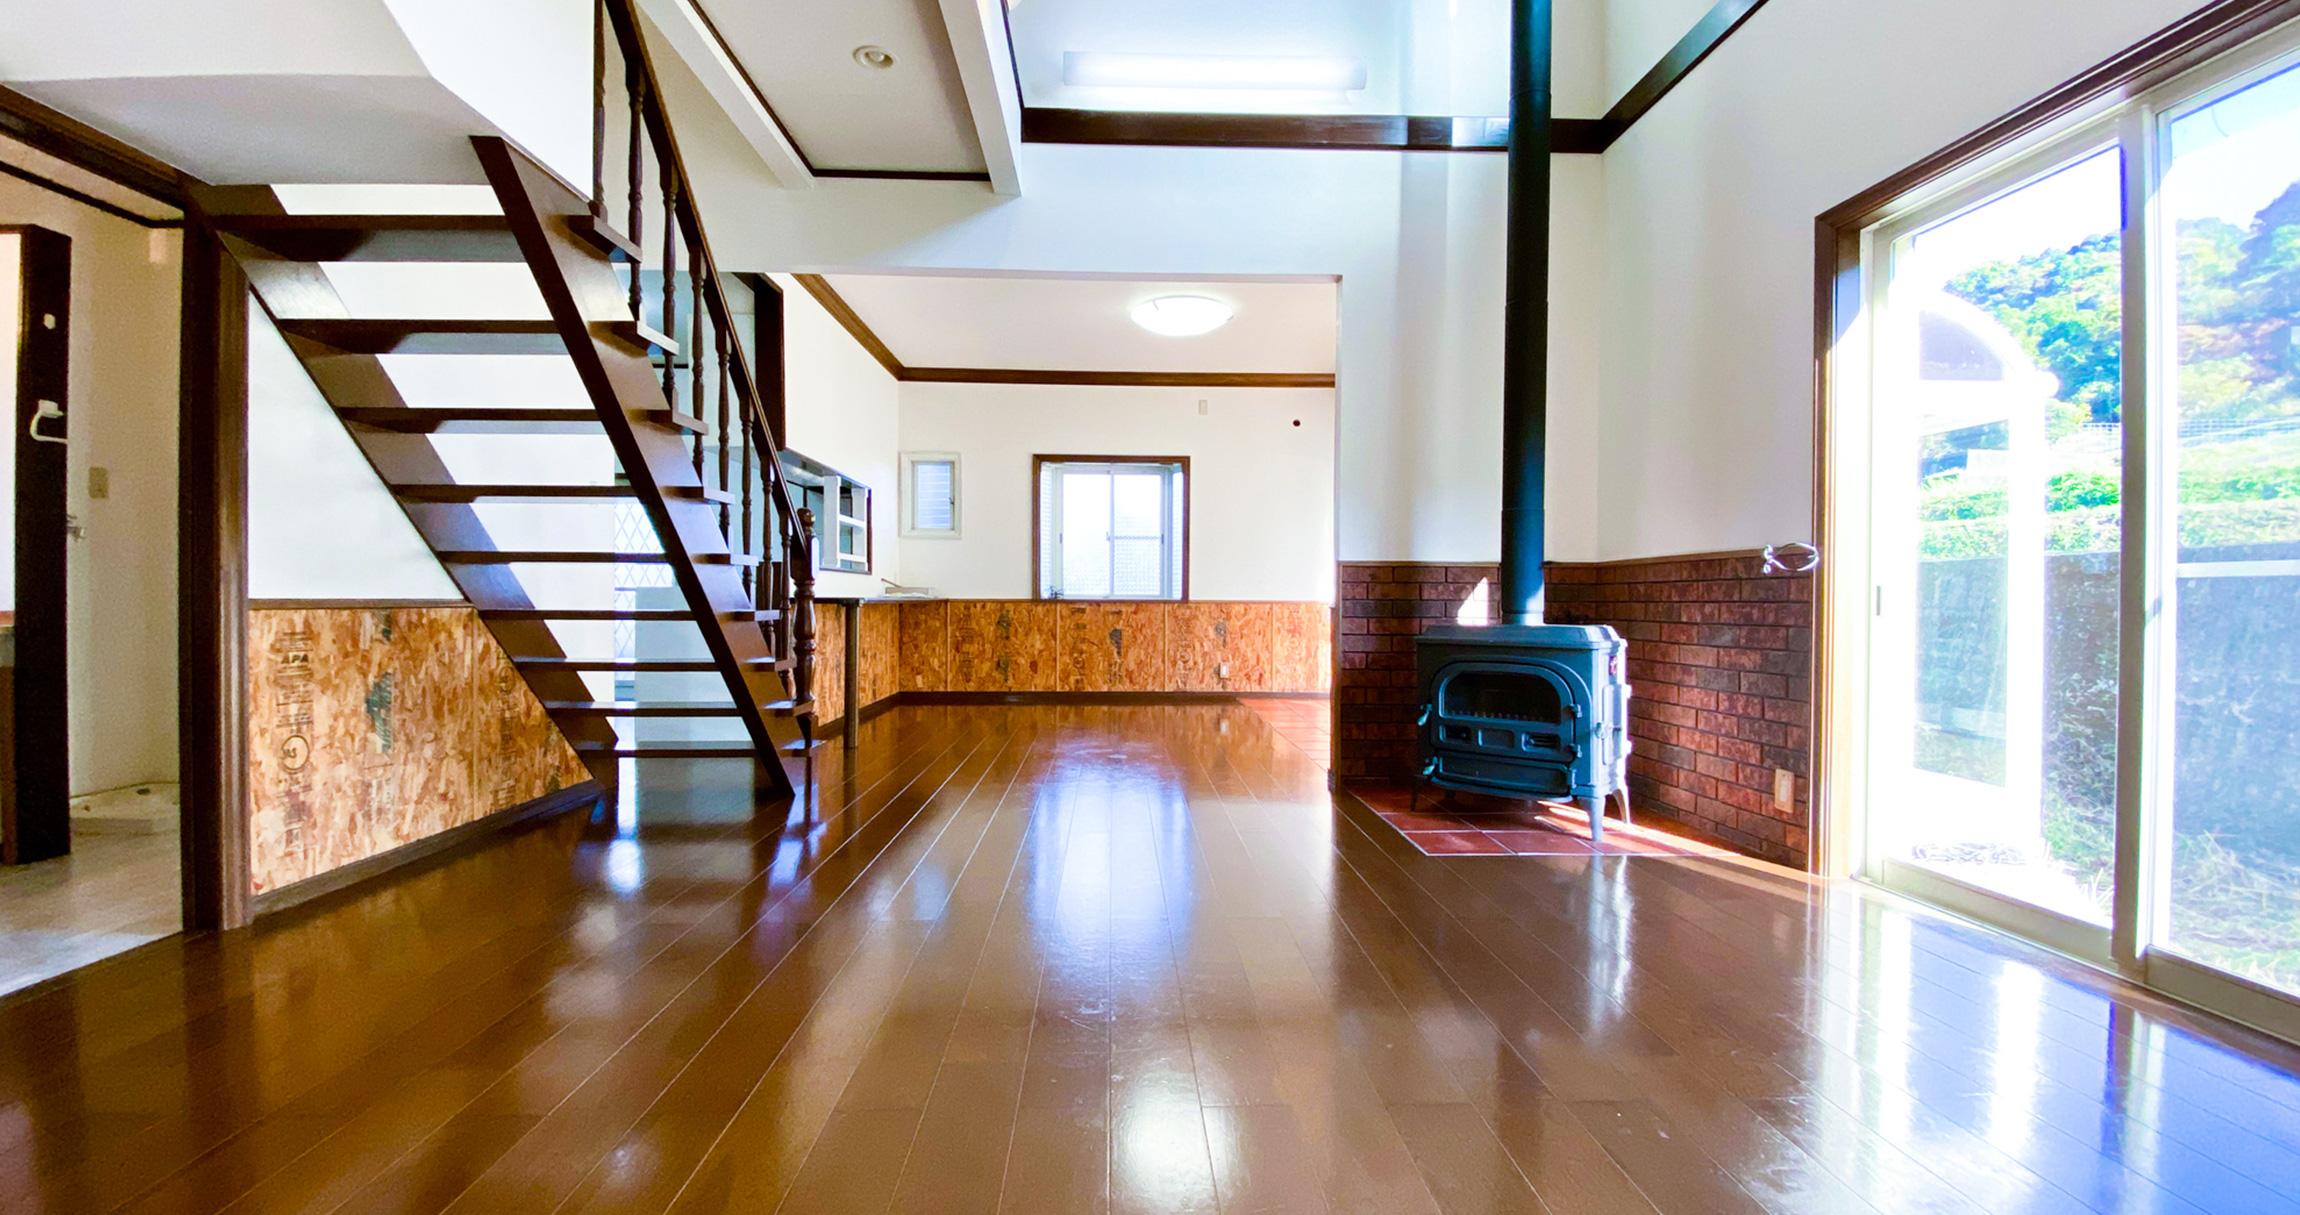 画像:北米の雰囲気を愉しむ 吹抜リビングの家